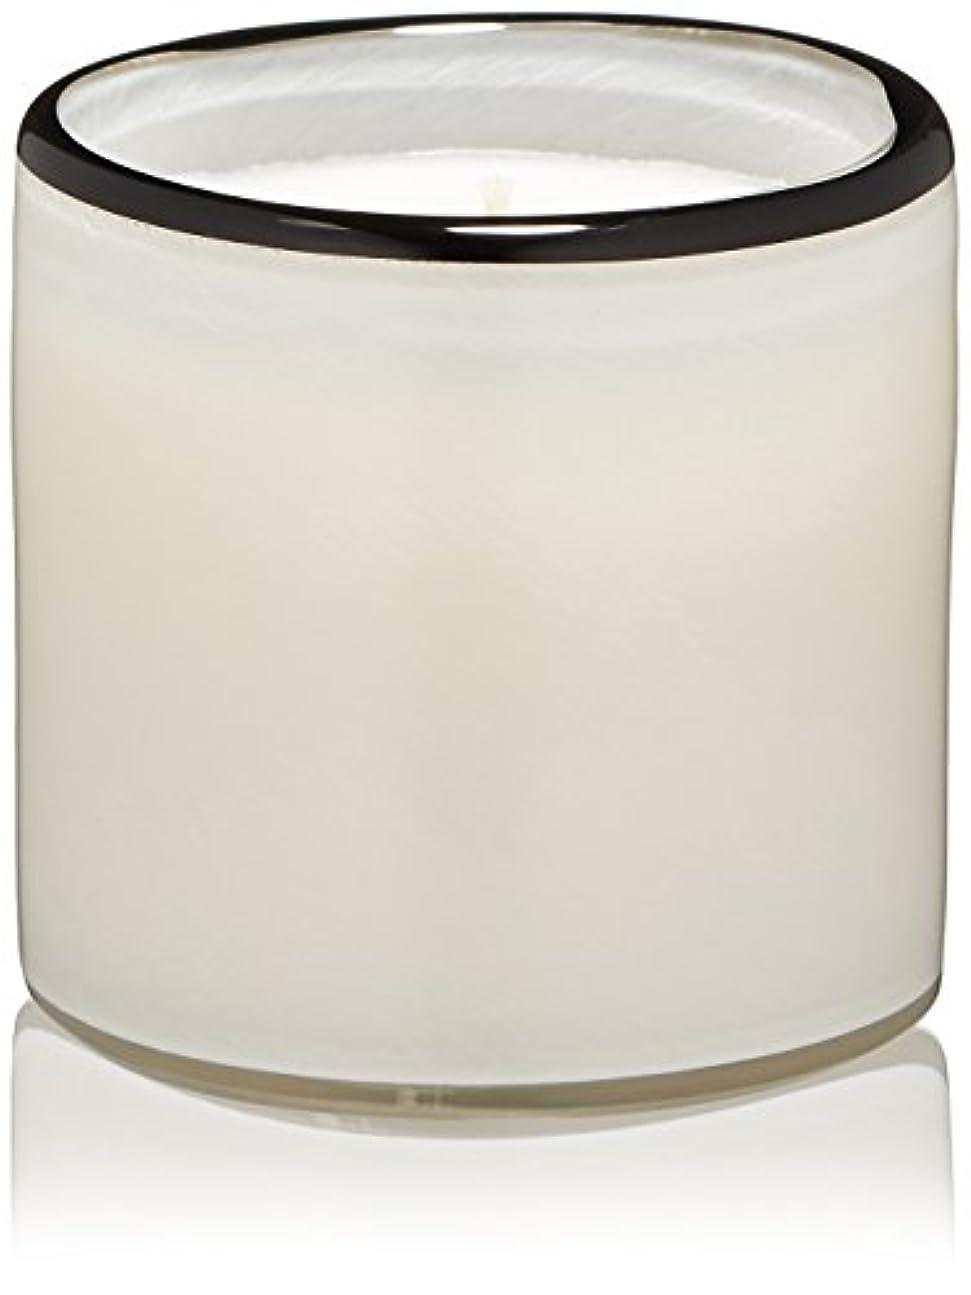 上がる私たちのもの耐えられないLafco Champagne/Penthouse candle-6.5 Oz